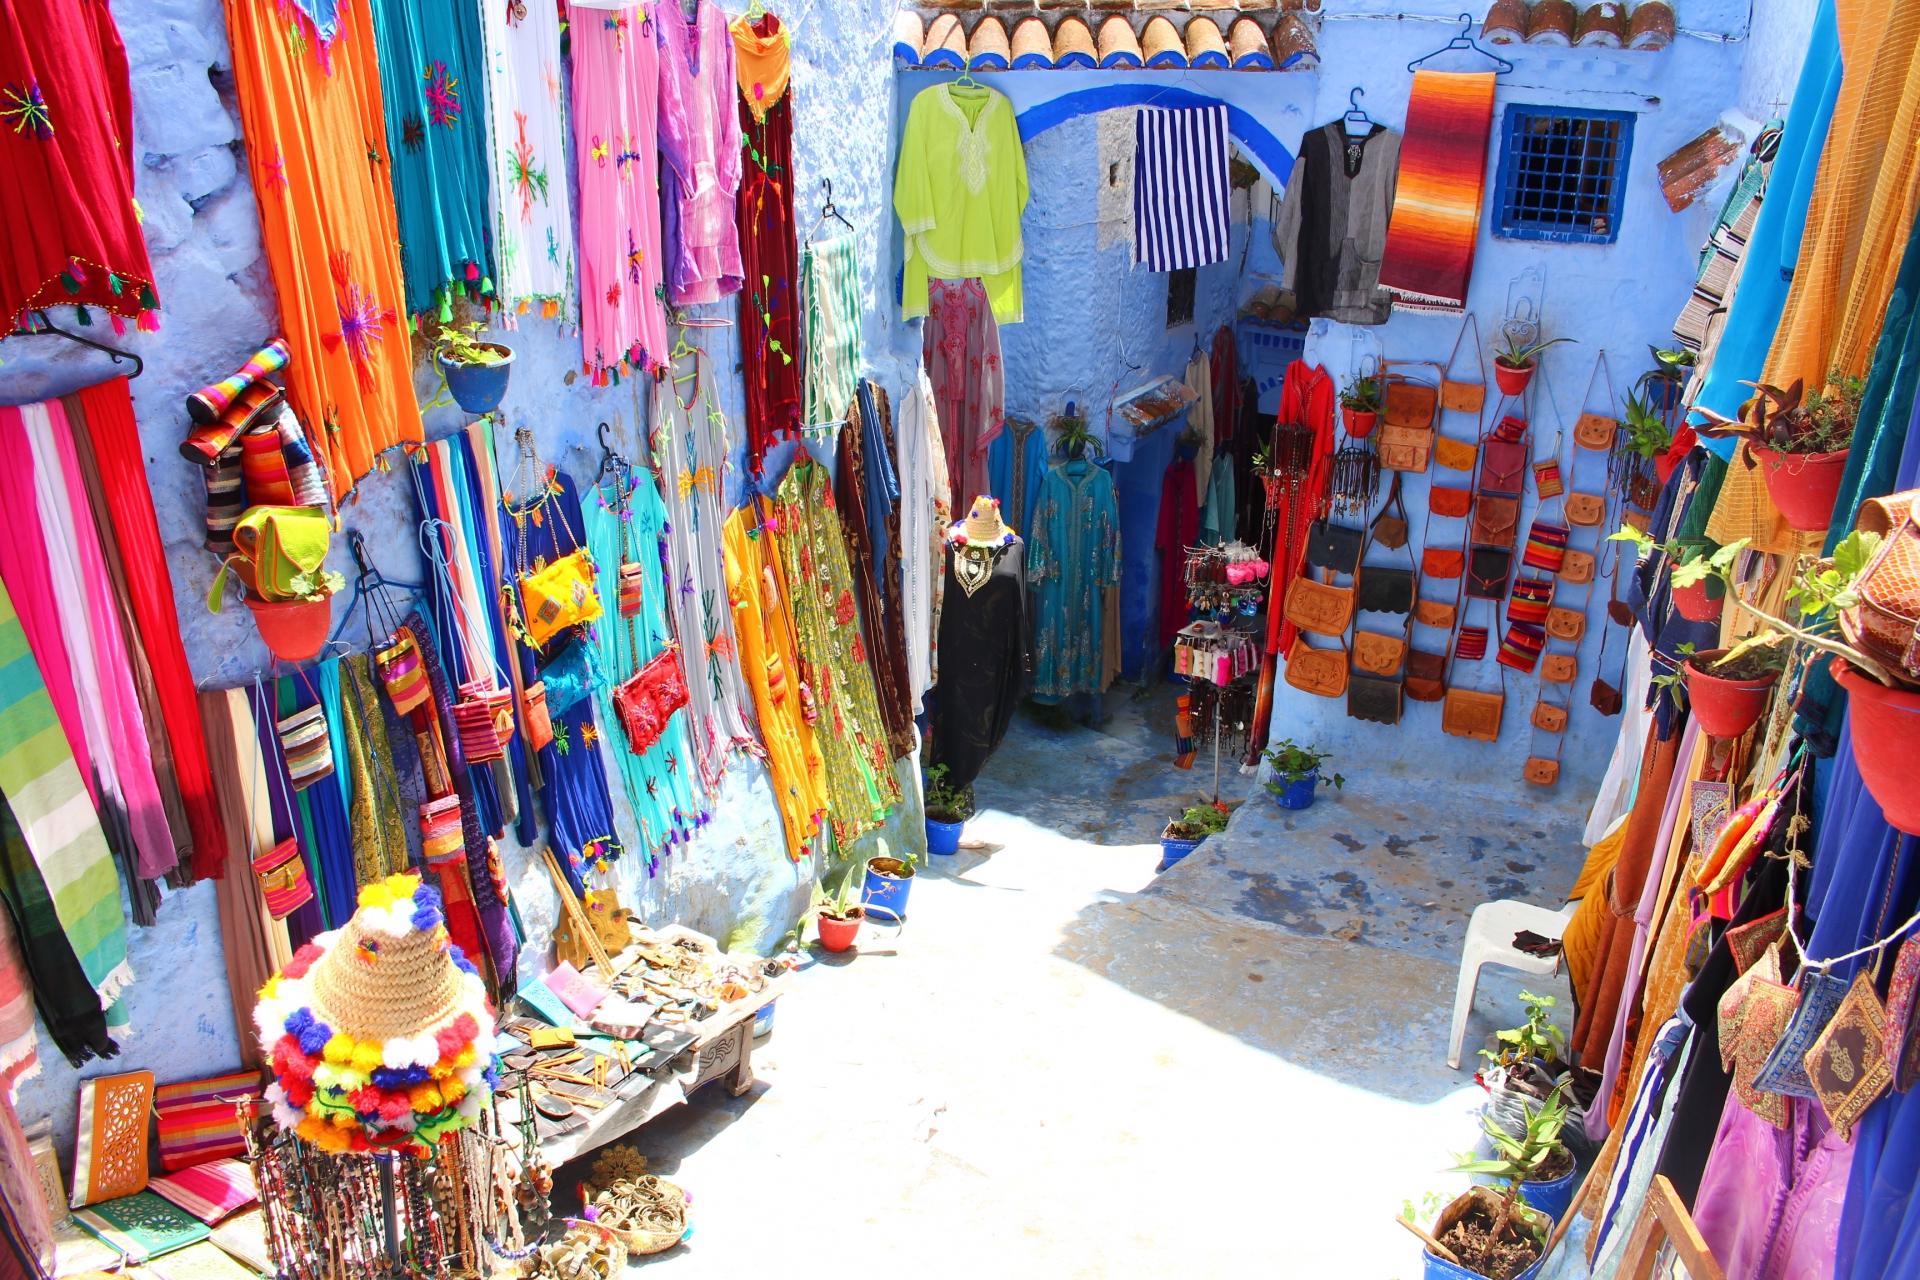 モロッコインテリアを取り入れて、旅行気分を味わう方法とは!